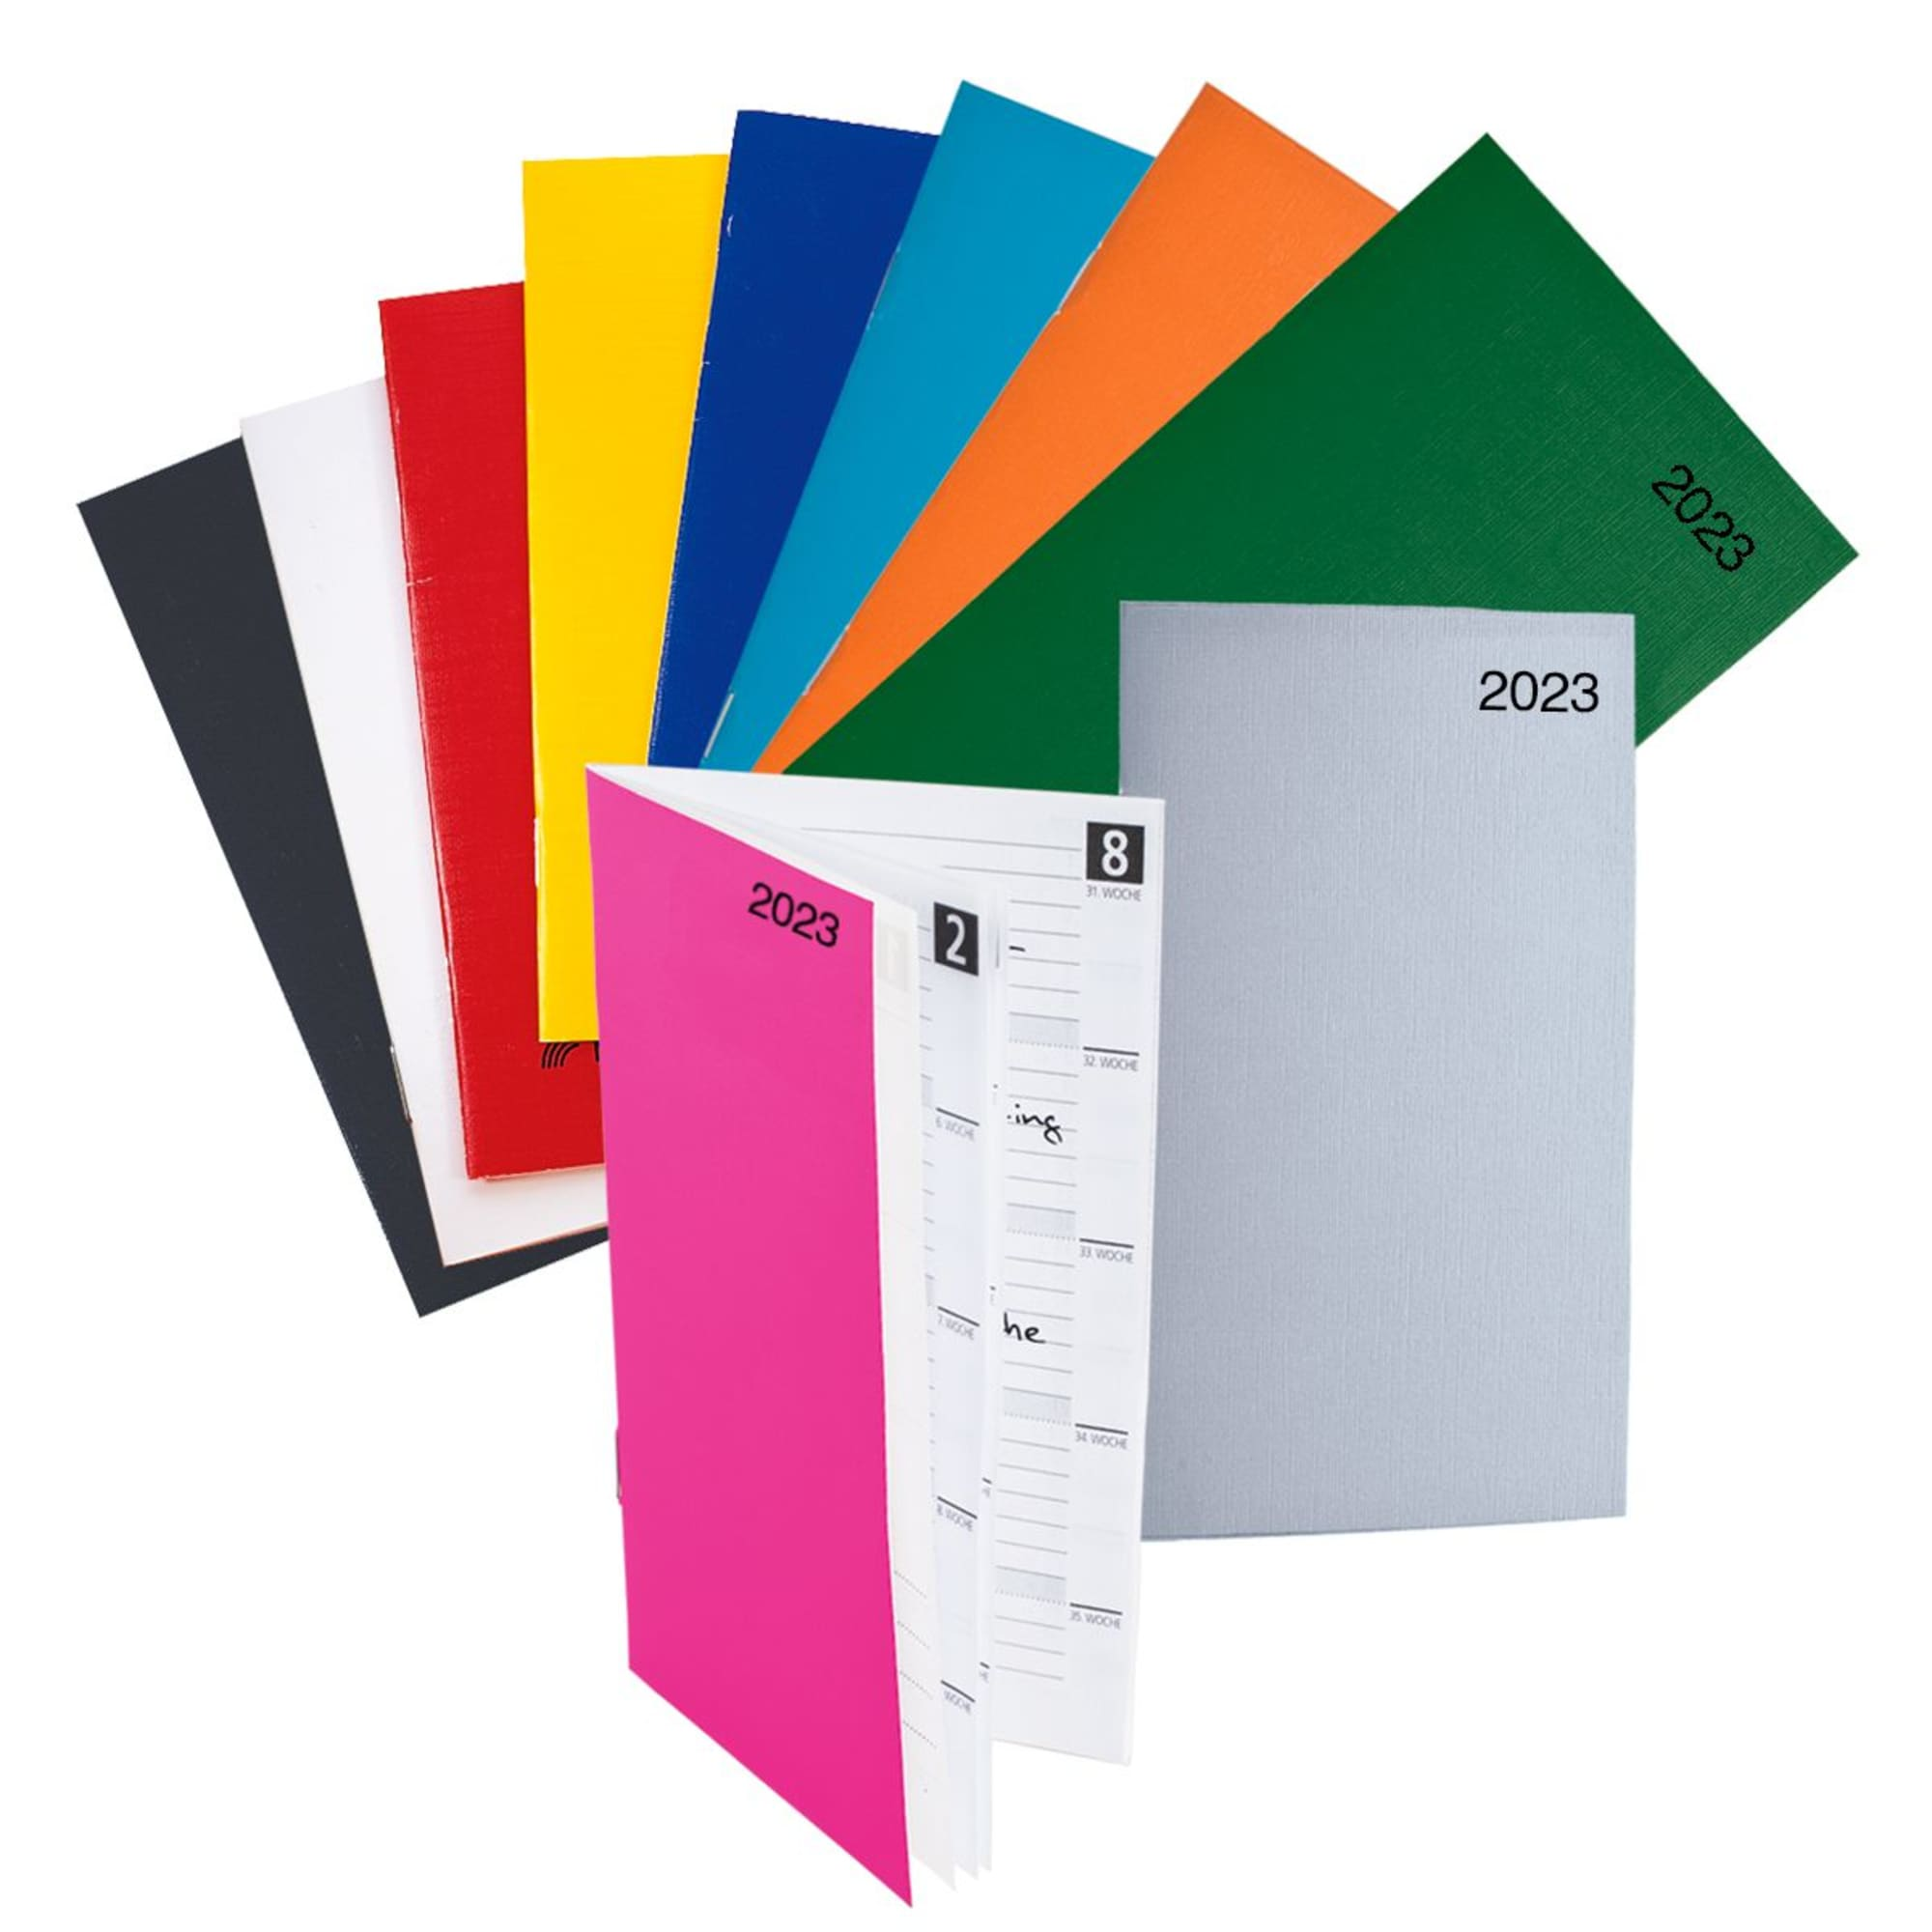 16 Seiten Kalendarium Pink Karton-Taschenkalender